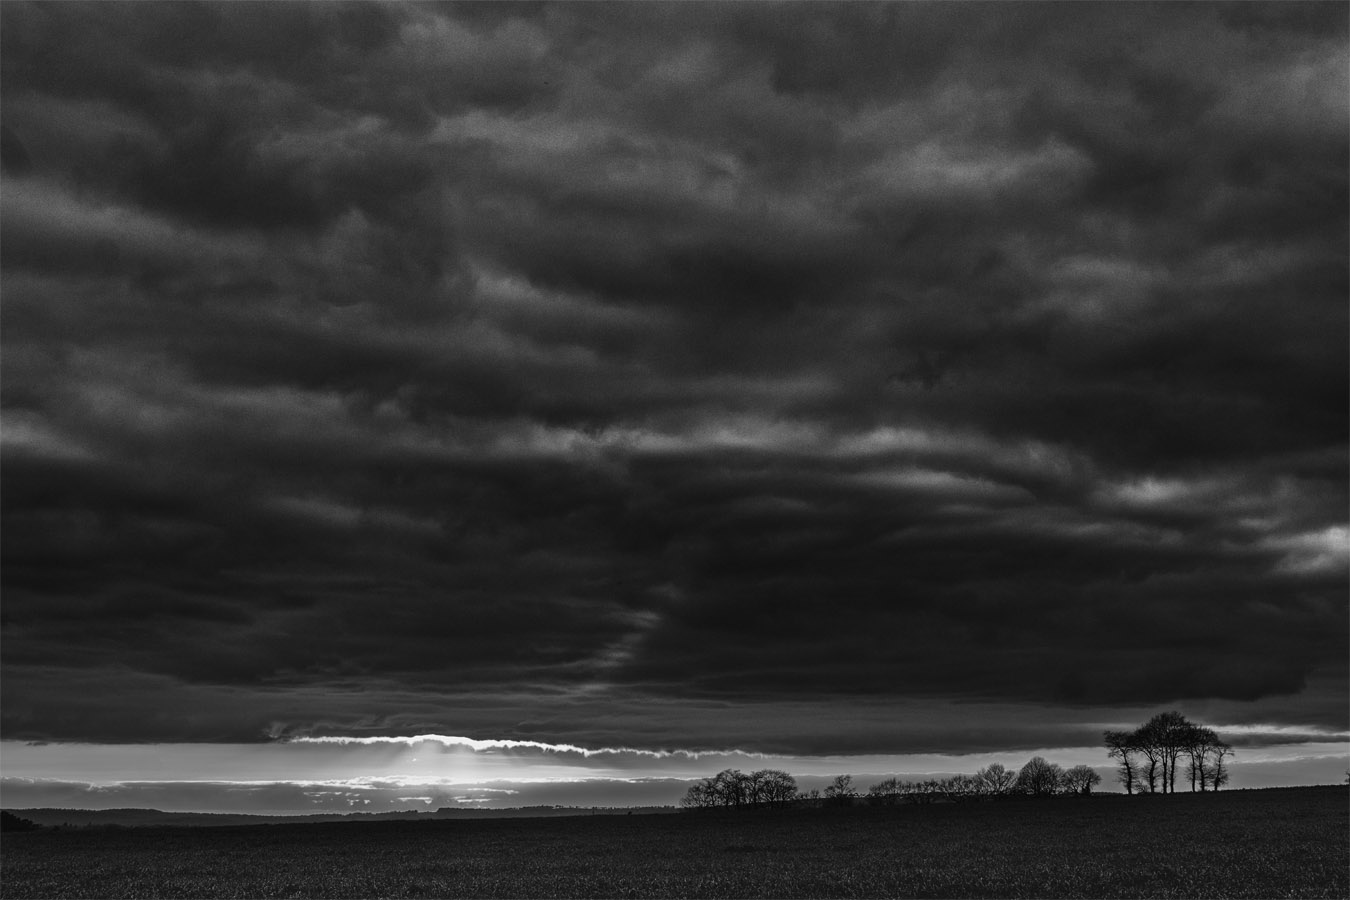 Coucher de soleil avec ciel chargé de nuages ; noir et blanc